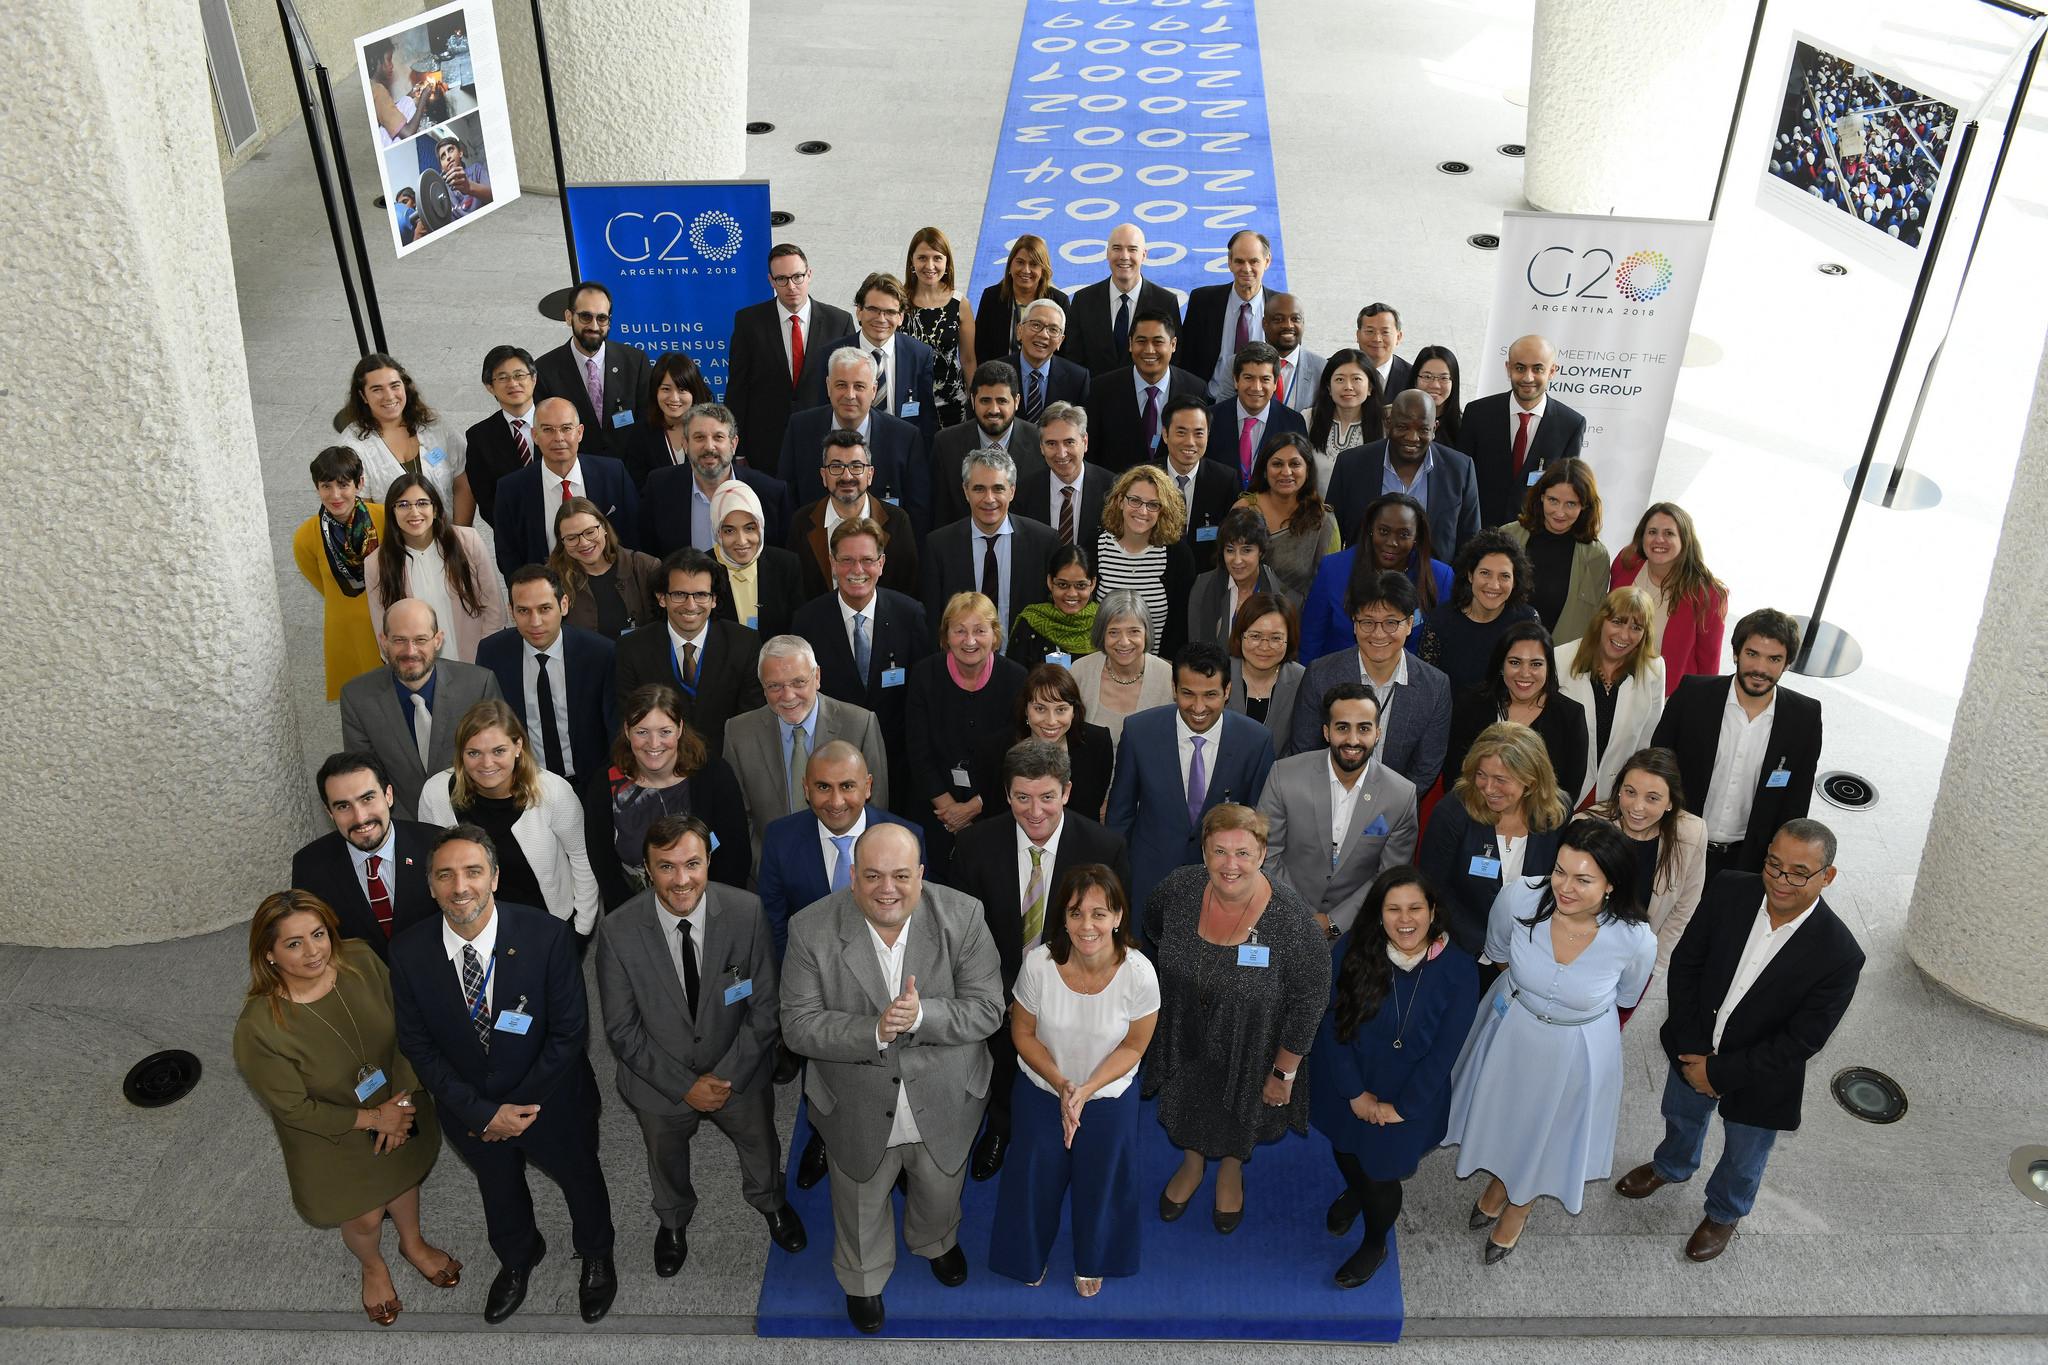 El C20 presentó sus recomendaciones durante la reuniónd e trabajo del Grupo de Empleo del G20